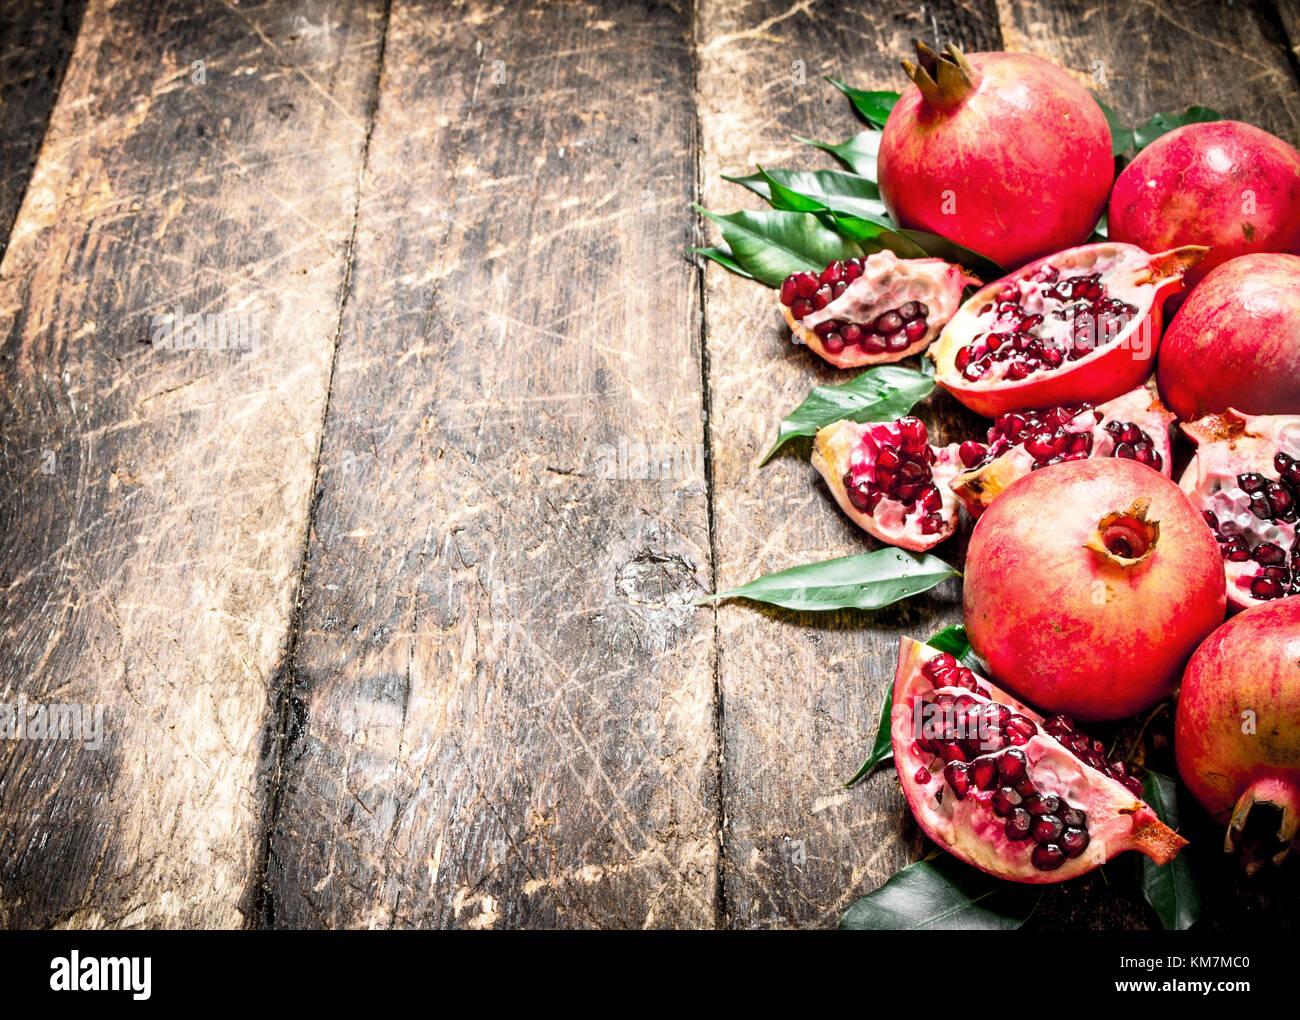 Ripe fresh pomegranates. On the wooden background. - Stock Image